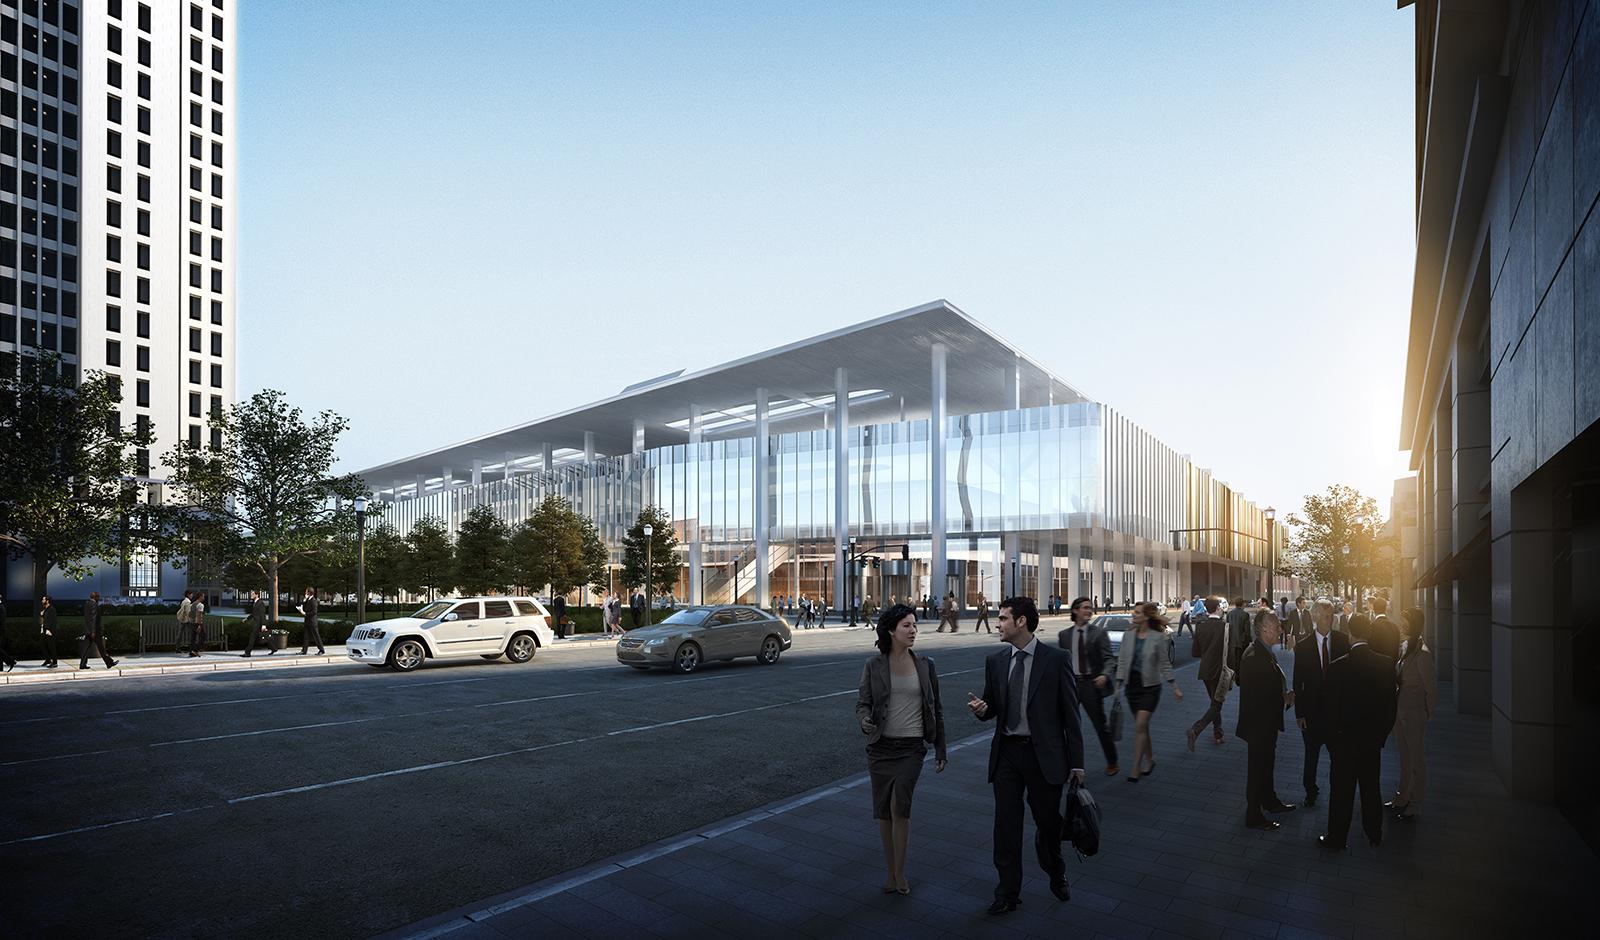 Kentucky International Convention Center